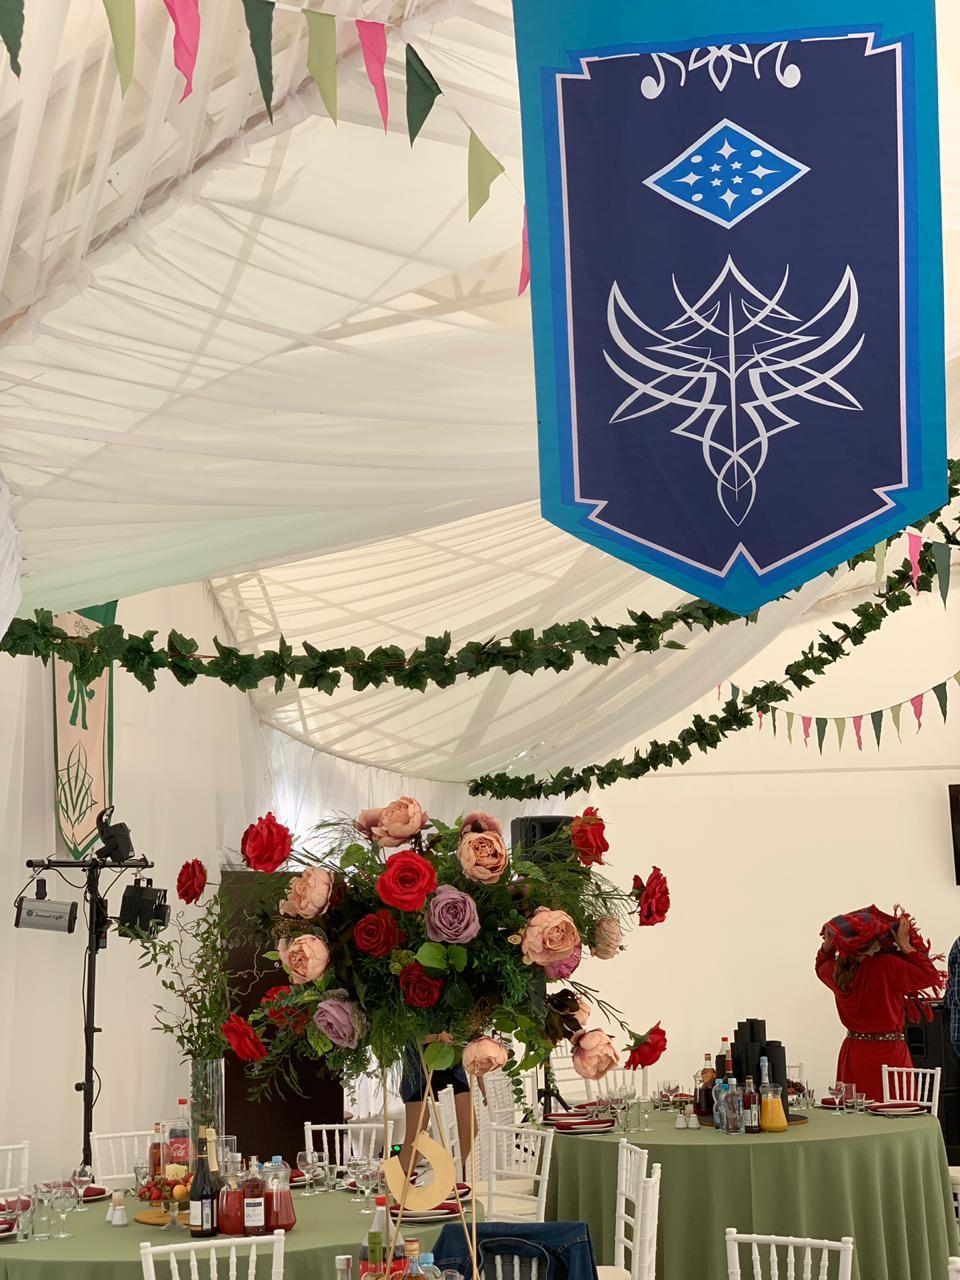 флаги гербы флажковая лента